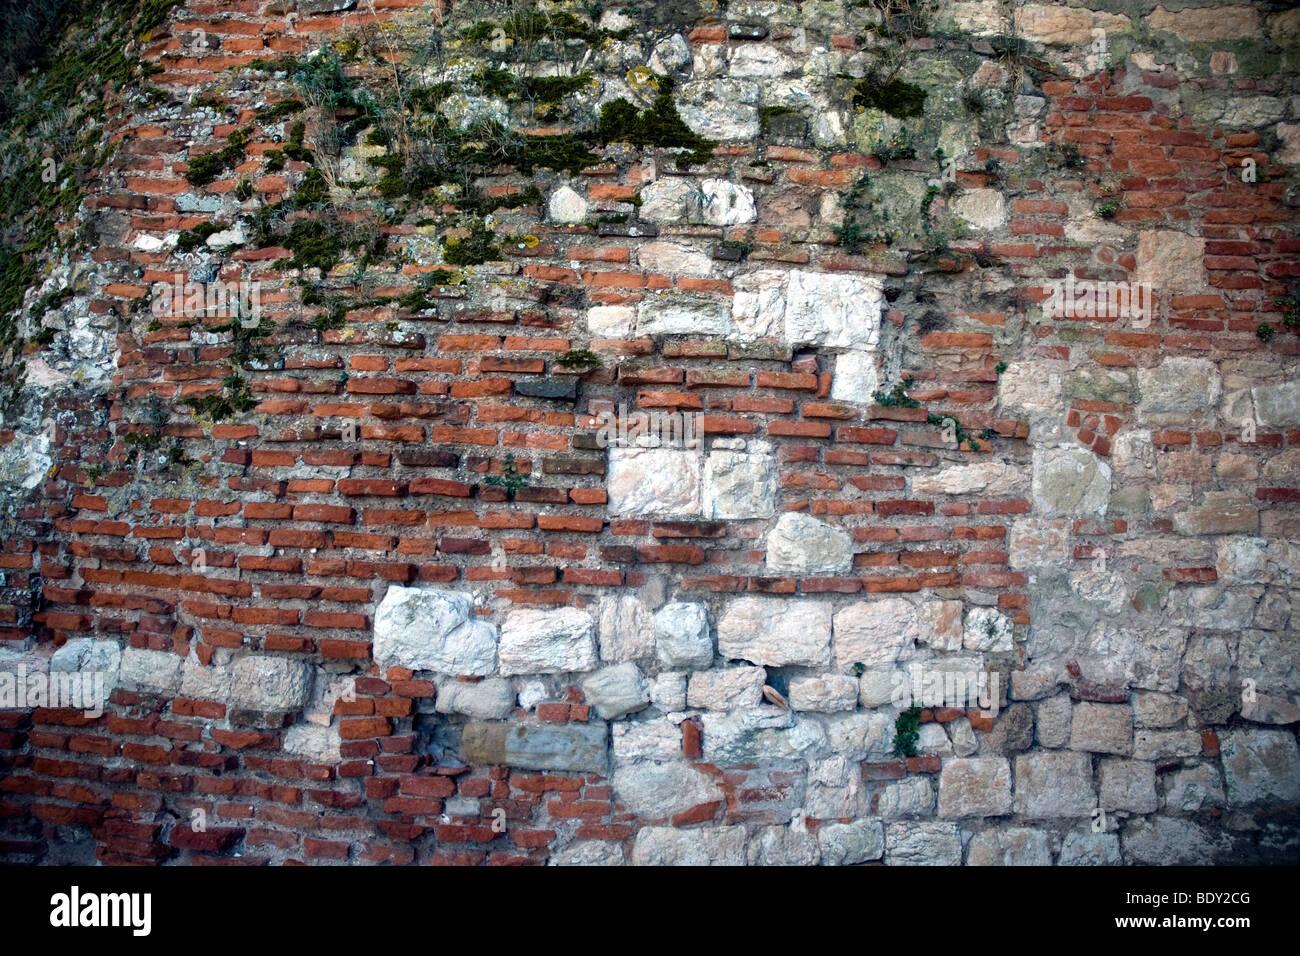 Una parete di mattoni rossi e pietra è emblematica di albi di misto gloriosamente materiali da costruzione Immagini Stock